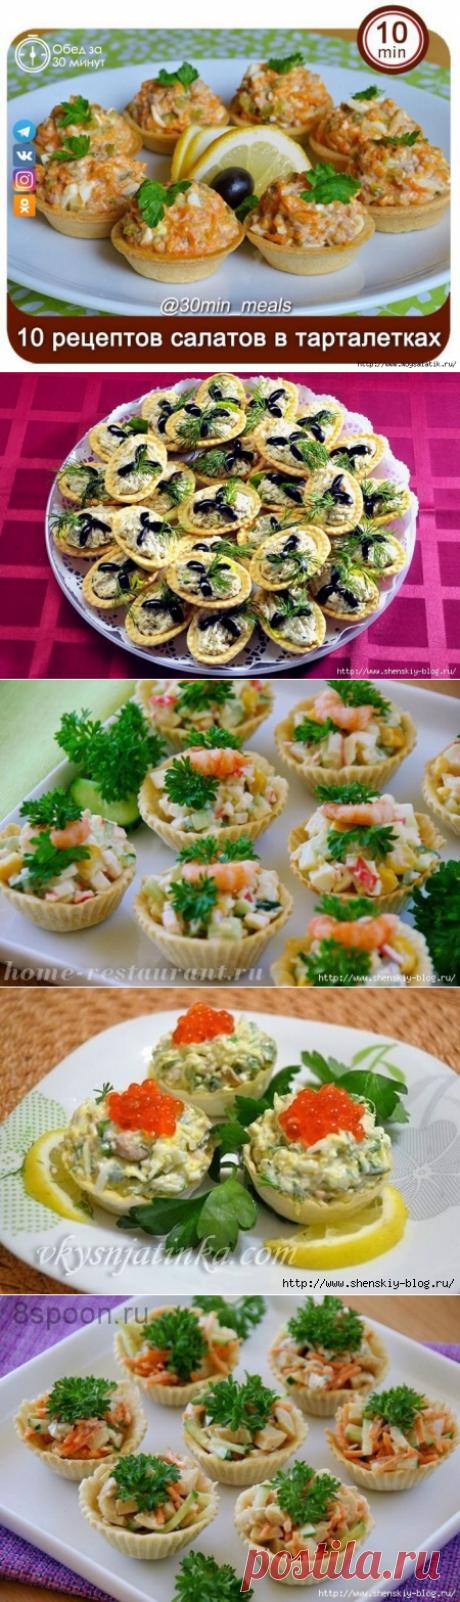 10 рецептов начинок для тарталеток на любой вкус и цвет!.